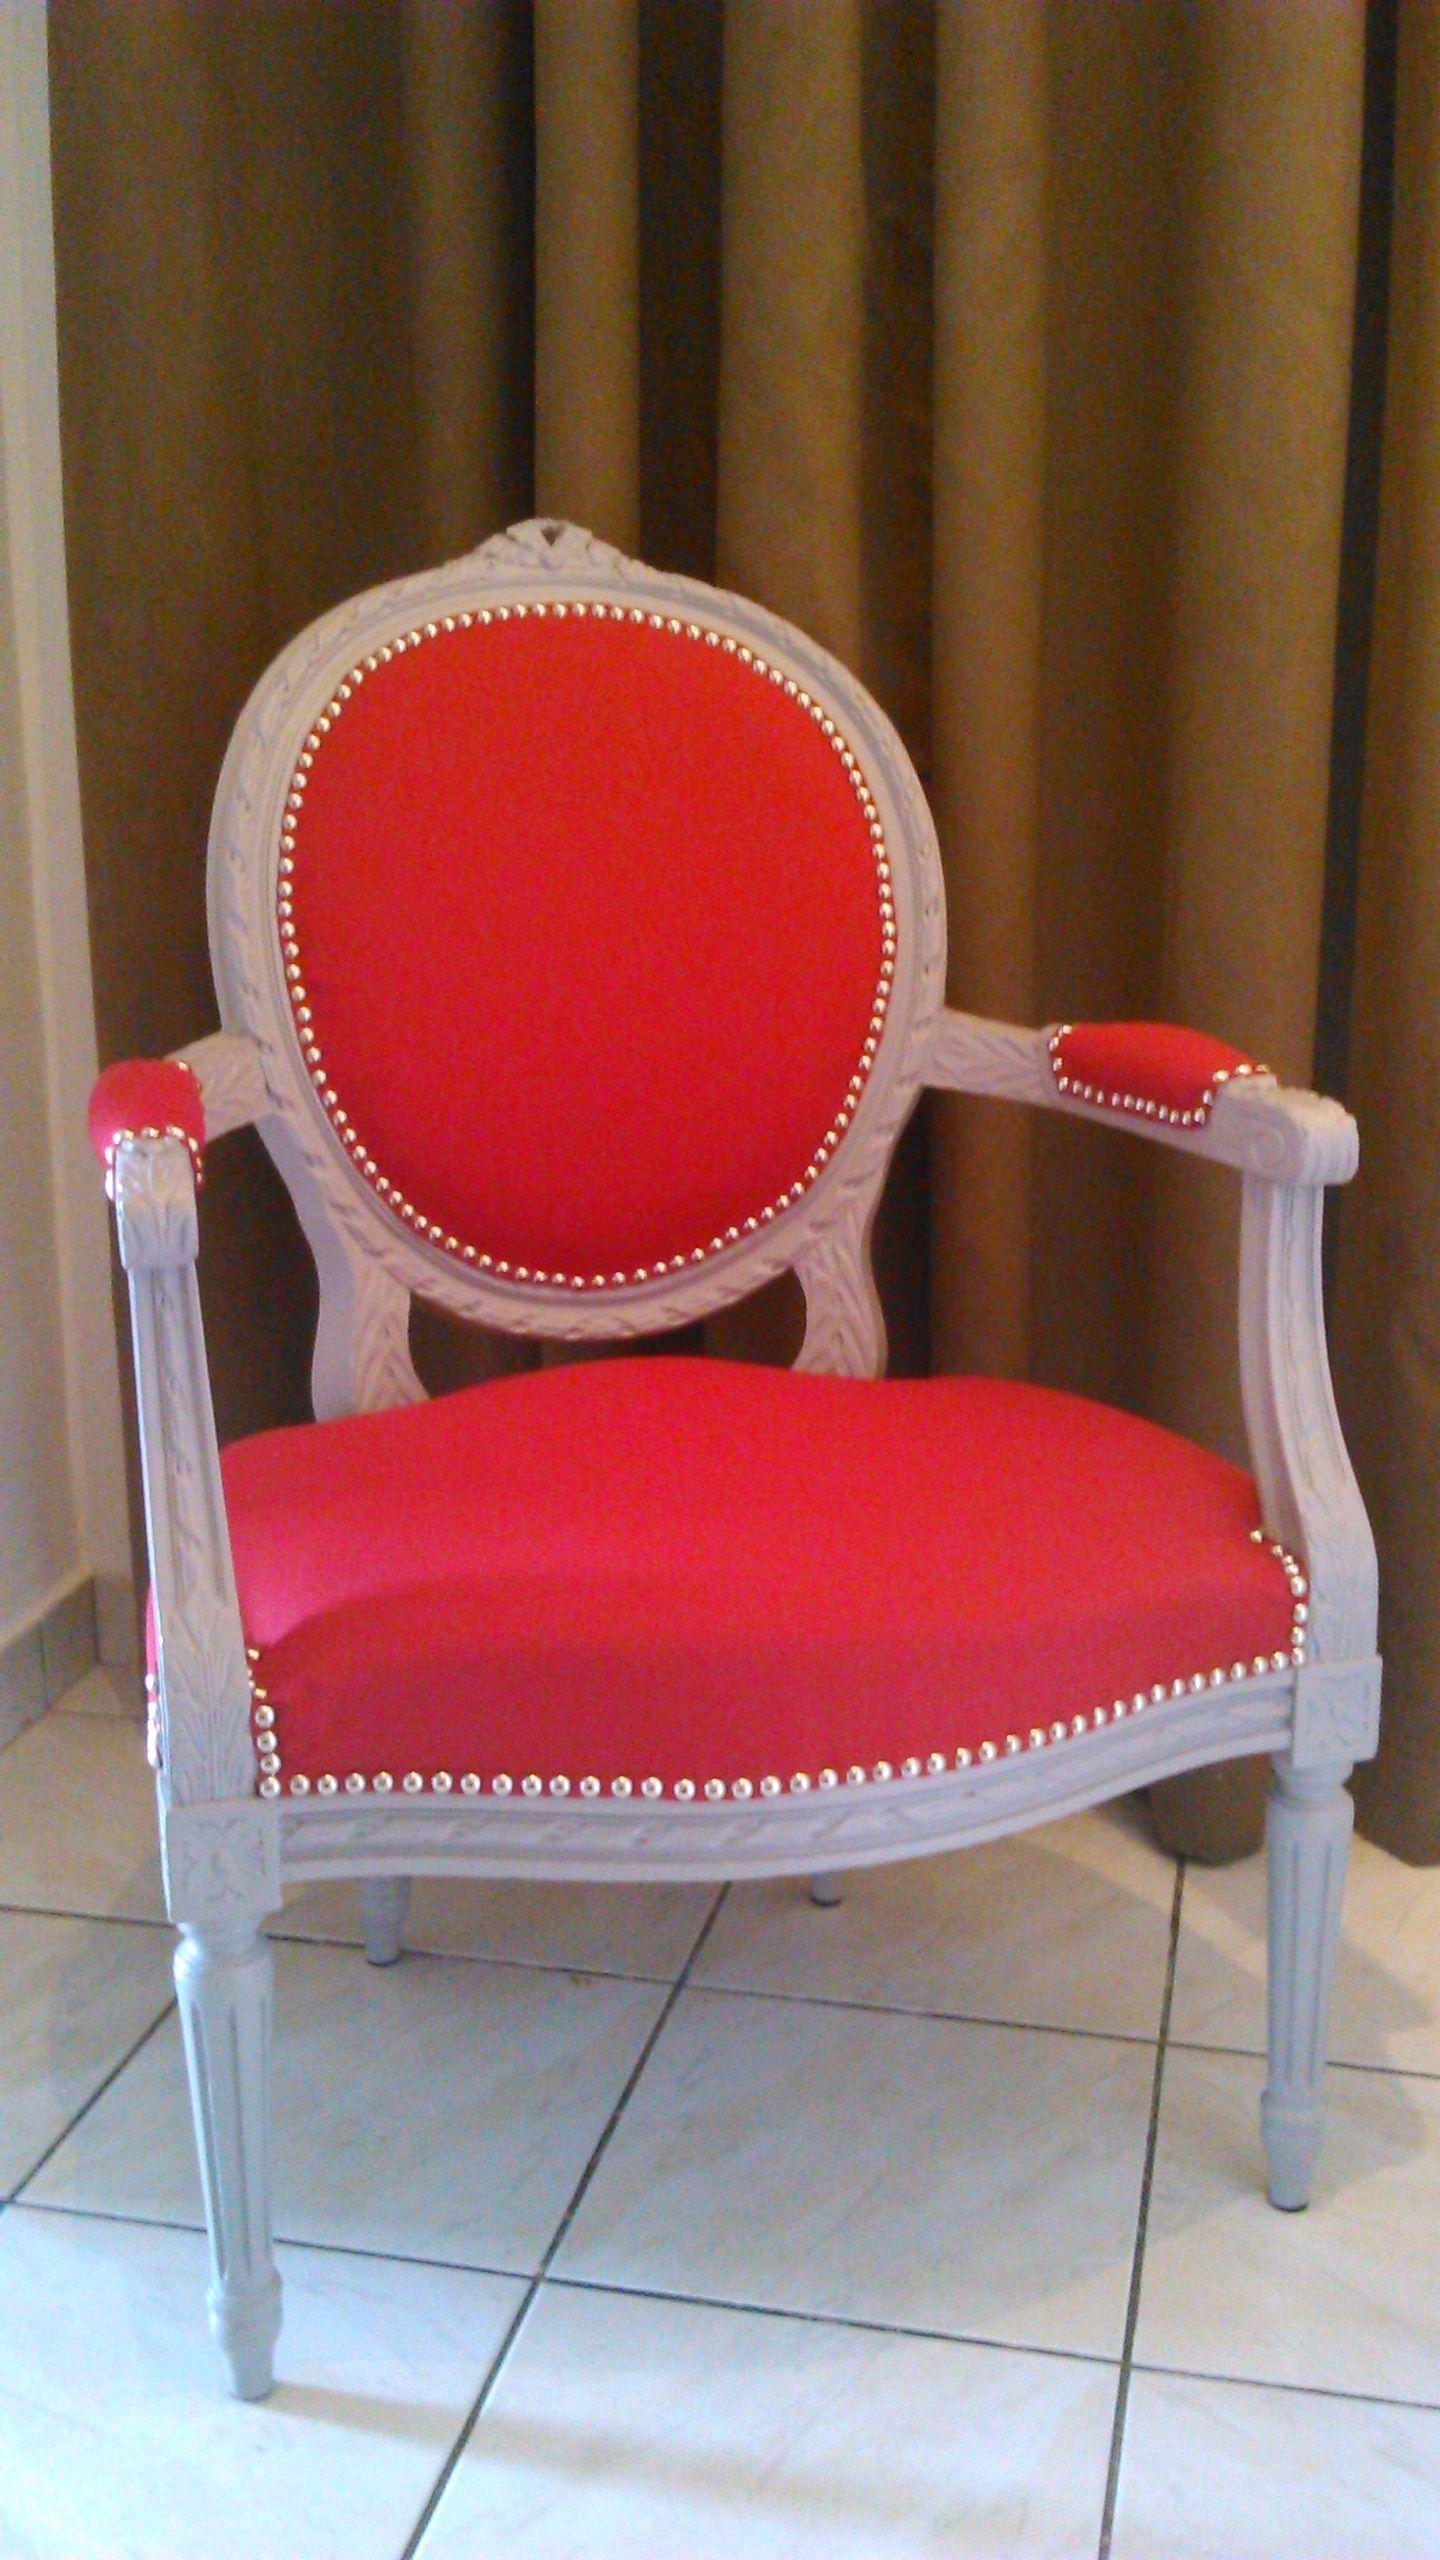 Refaire Un Fauteuil Louis Xvi fauteuil louis xvi relooké peinture et recouvrement tissu